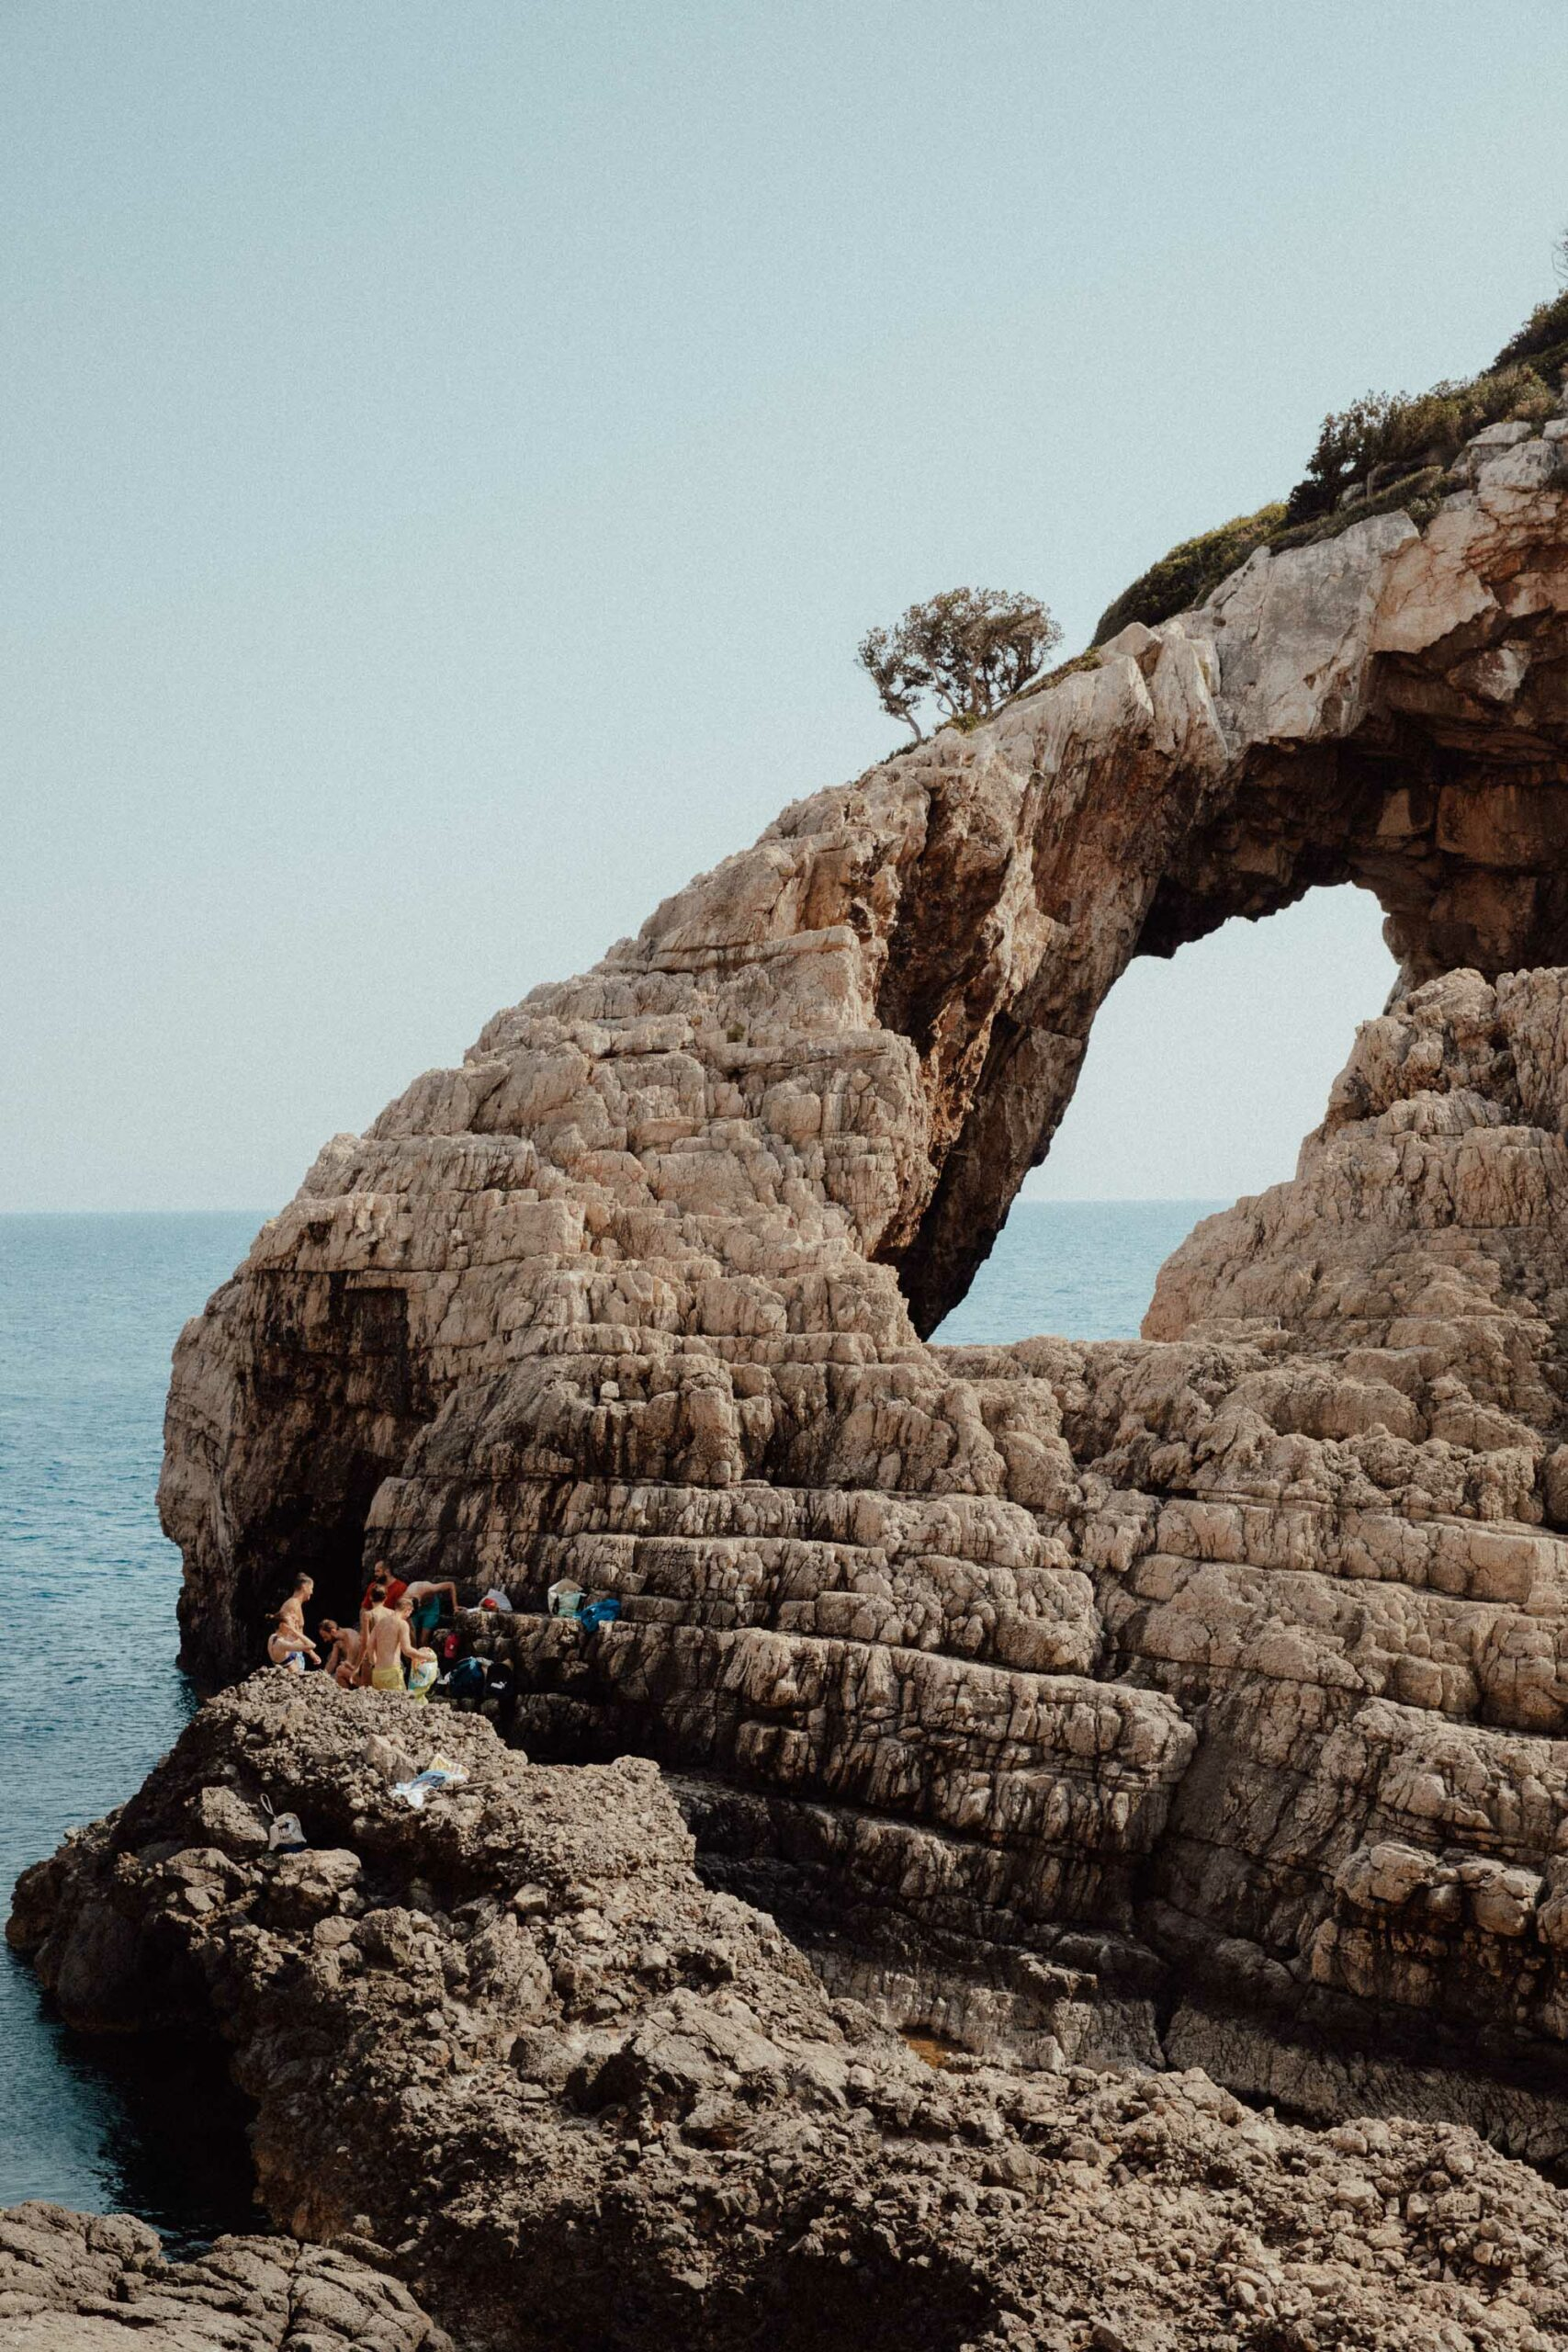 Korakonissi beach in Zakynthos Greece